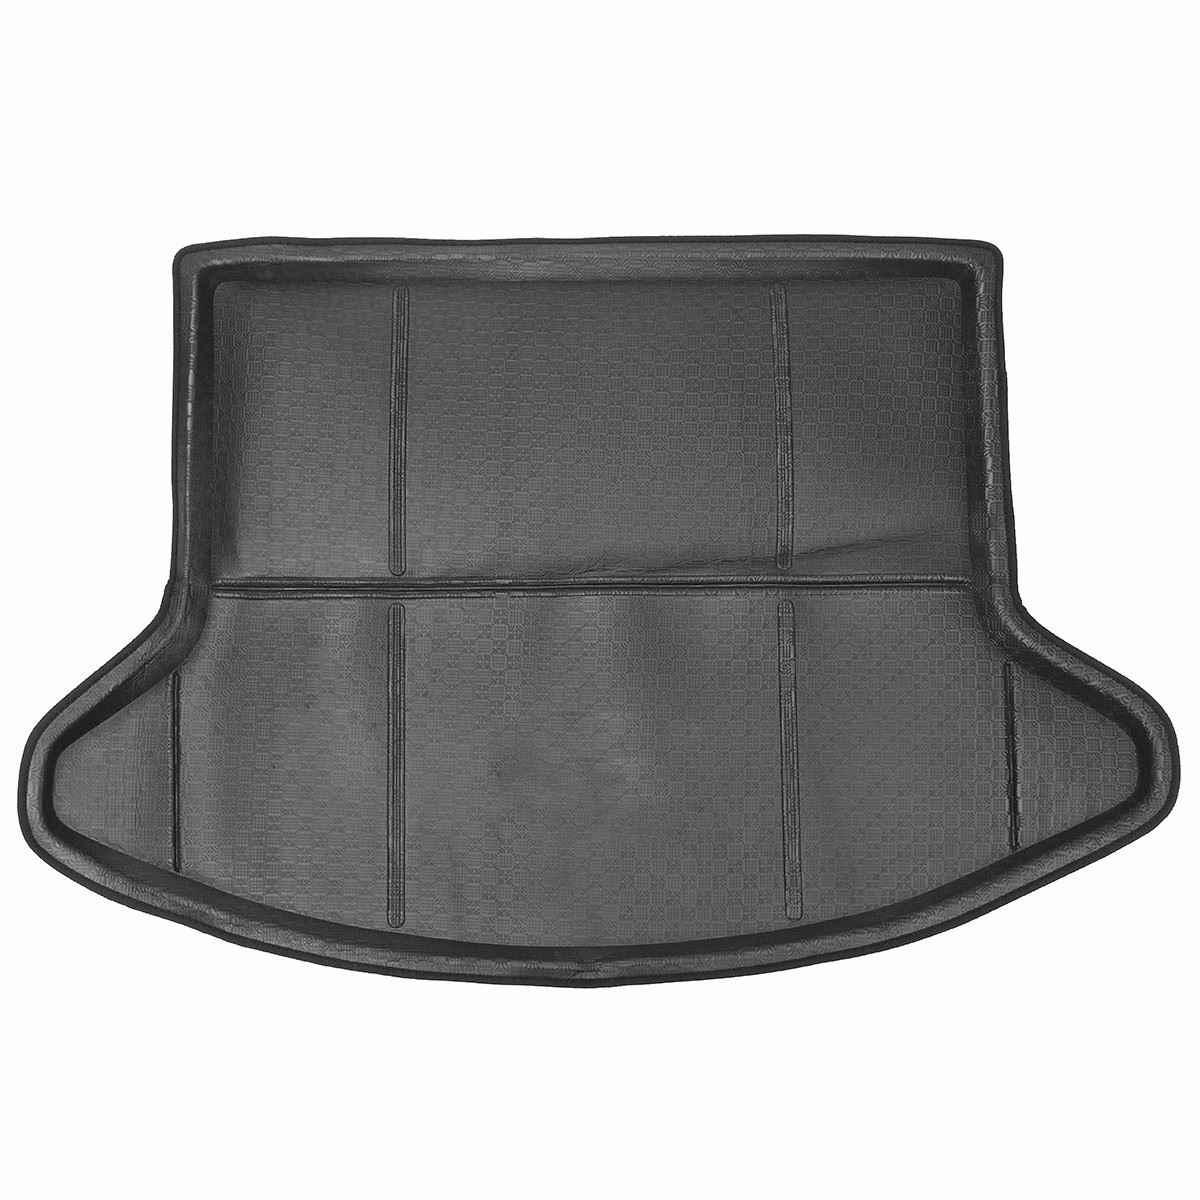 السيارات Tailcase حصيرة عباءة الخلفية سيارة جذع البضائع حصيرة الطابق لمازدا/CX-5 2013 2014 2015 2017 الأسود